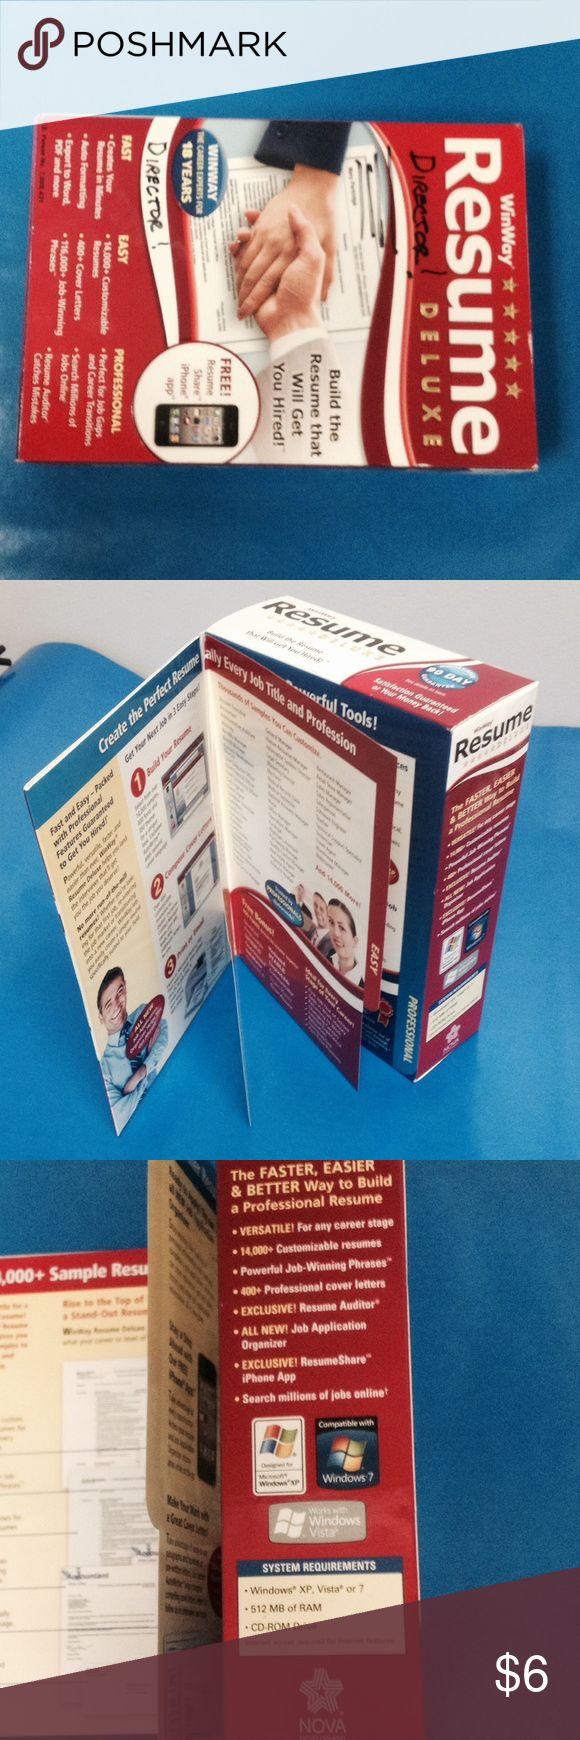 winway resume deluxe resume software